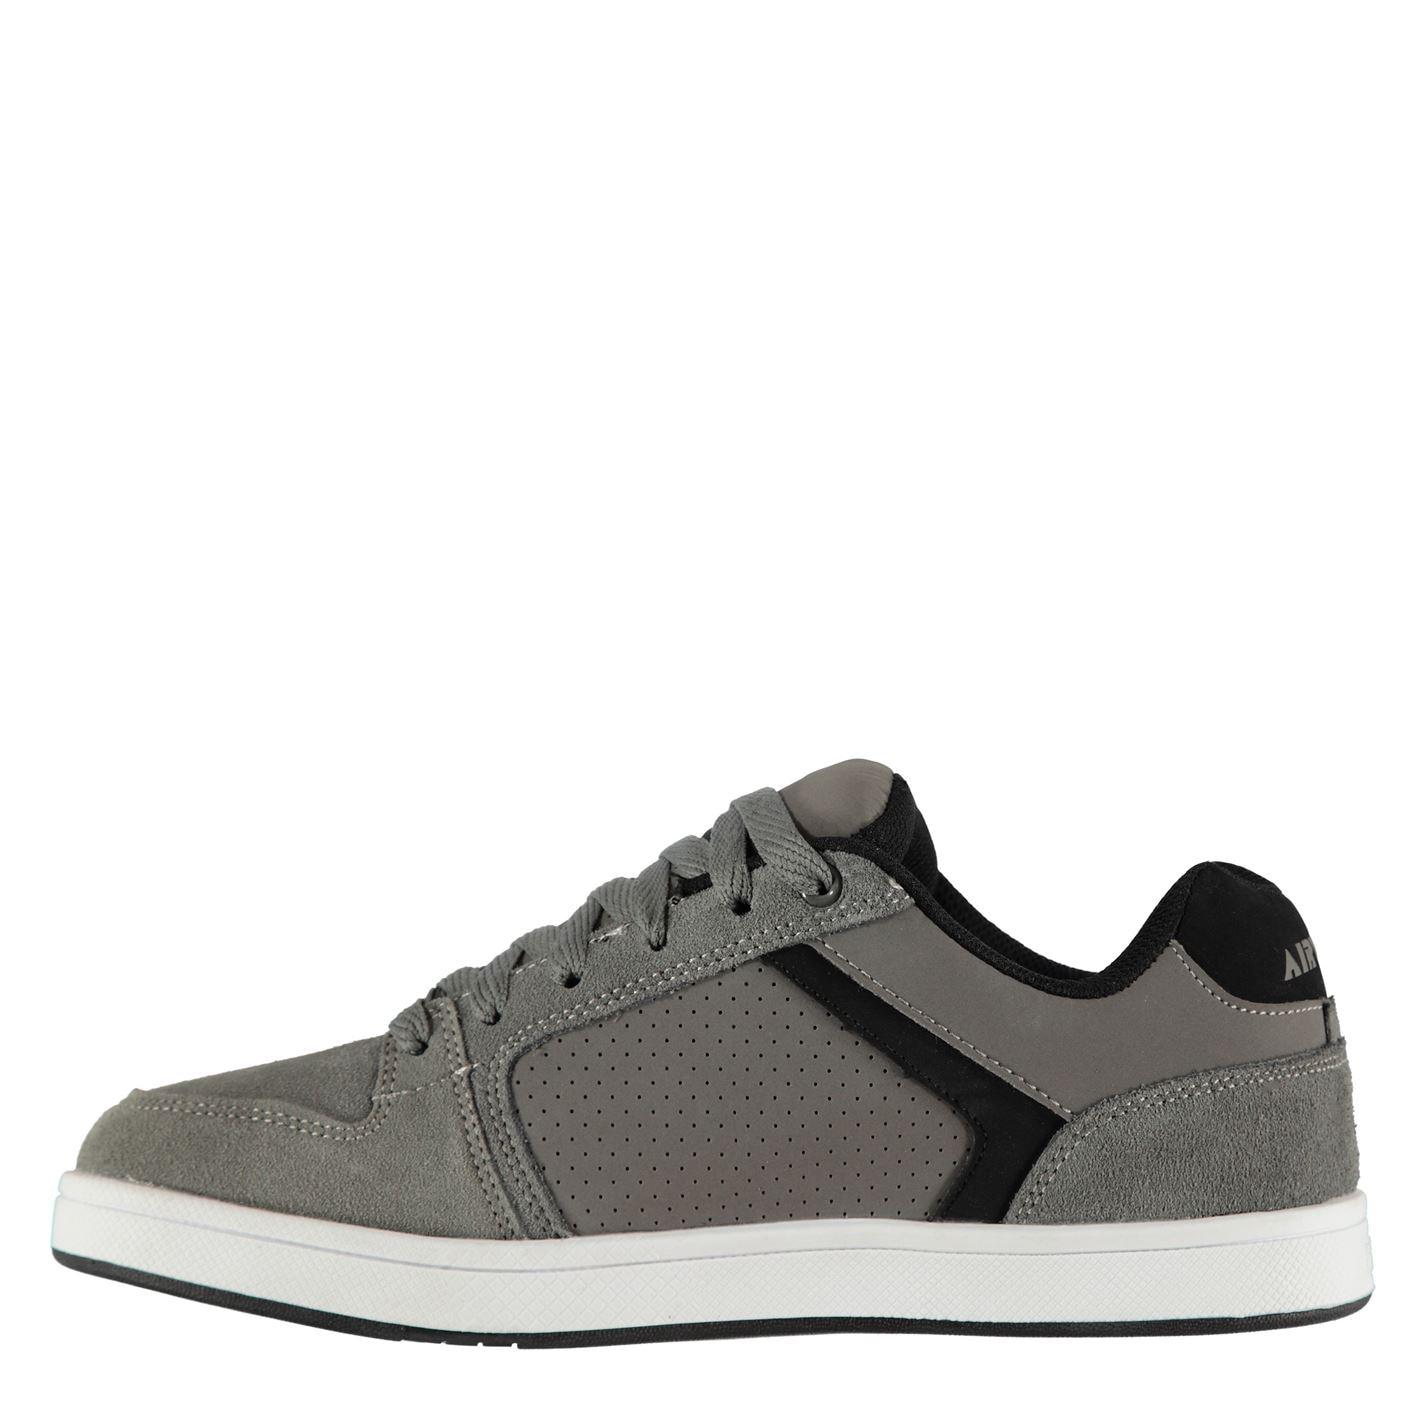 Kompletní specifikace · Související zboží (0) · Ke stažení. Airwalk Brock  Mens Skate boty f552657fe8